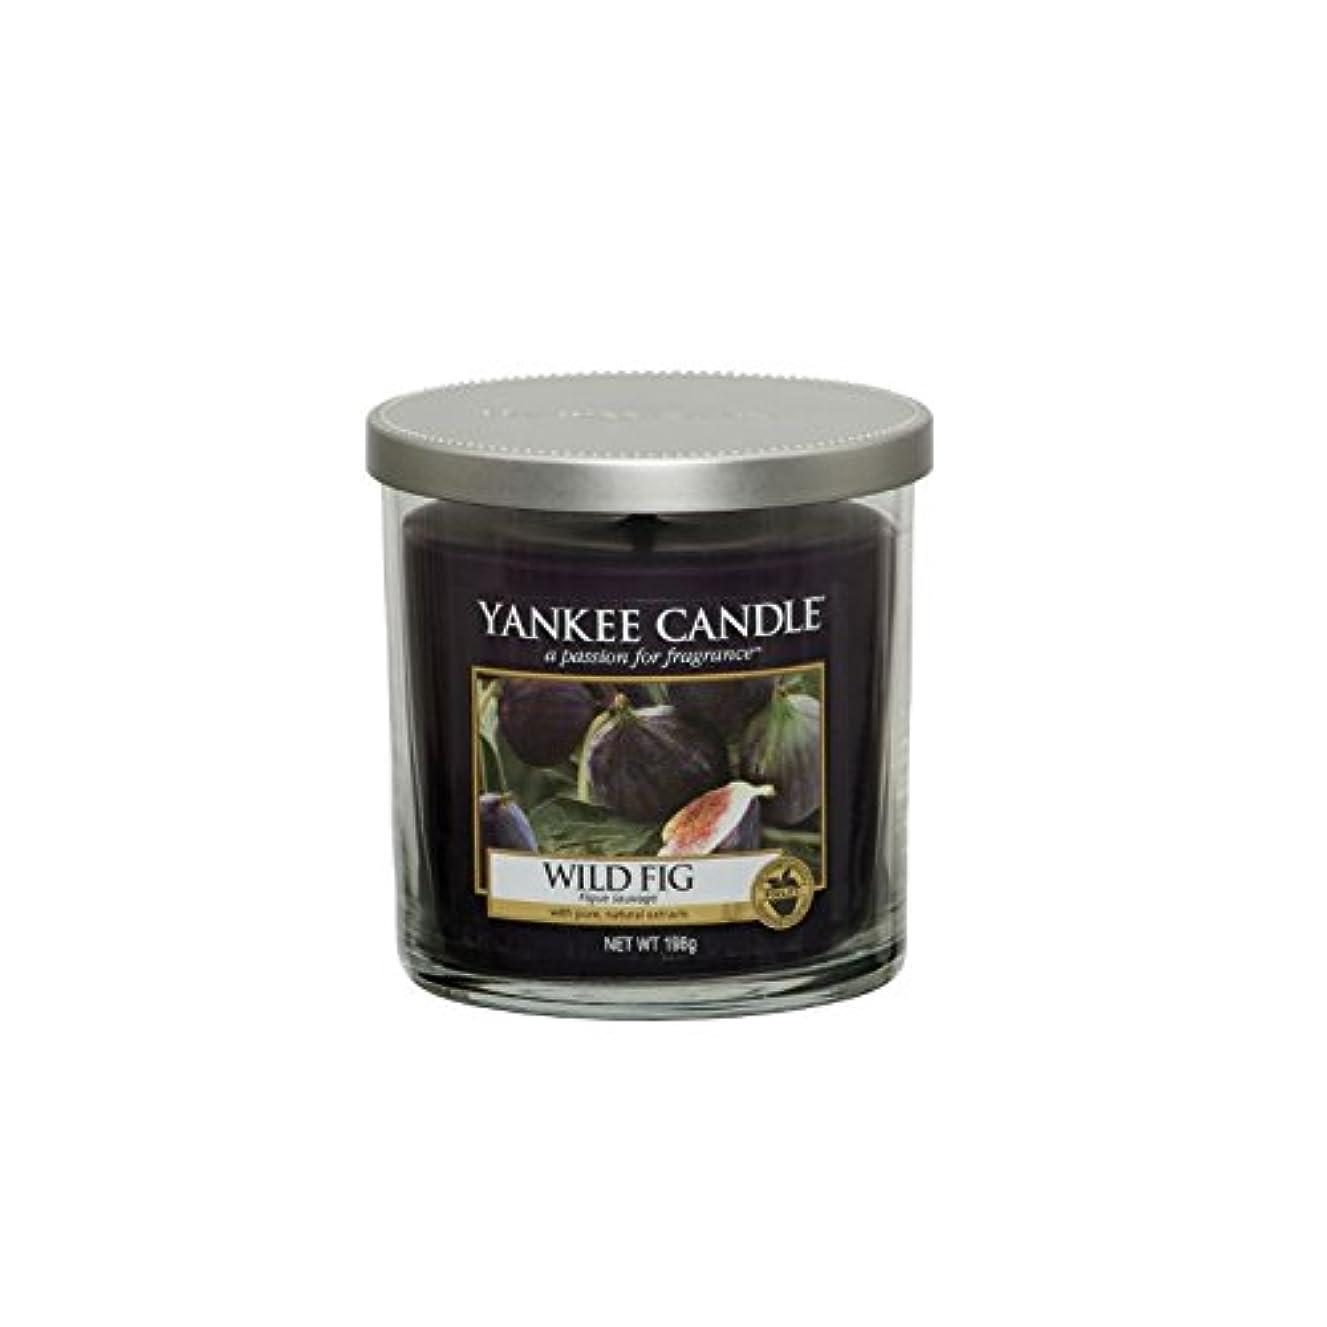 ベイビー薄汚いリードヤンキーキャンドルの小さな柱キャンドル - 野生のイチジク - Yankee Candles Small Pillar Candle - Wild Fig (Yankee Candles) [並行輸入品]